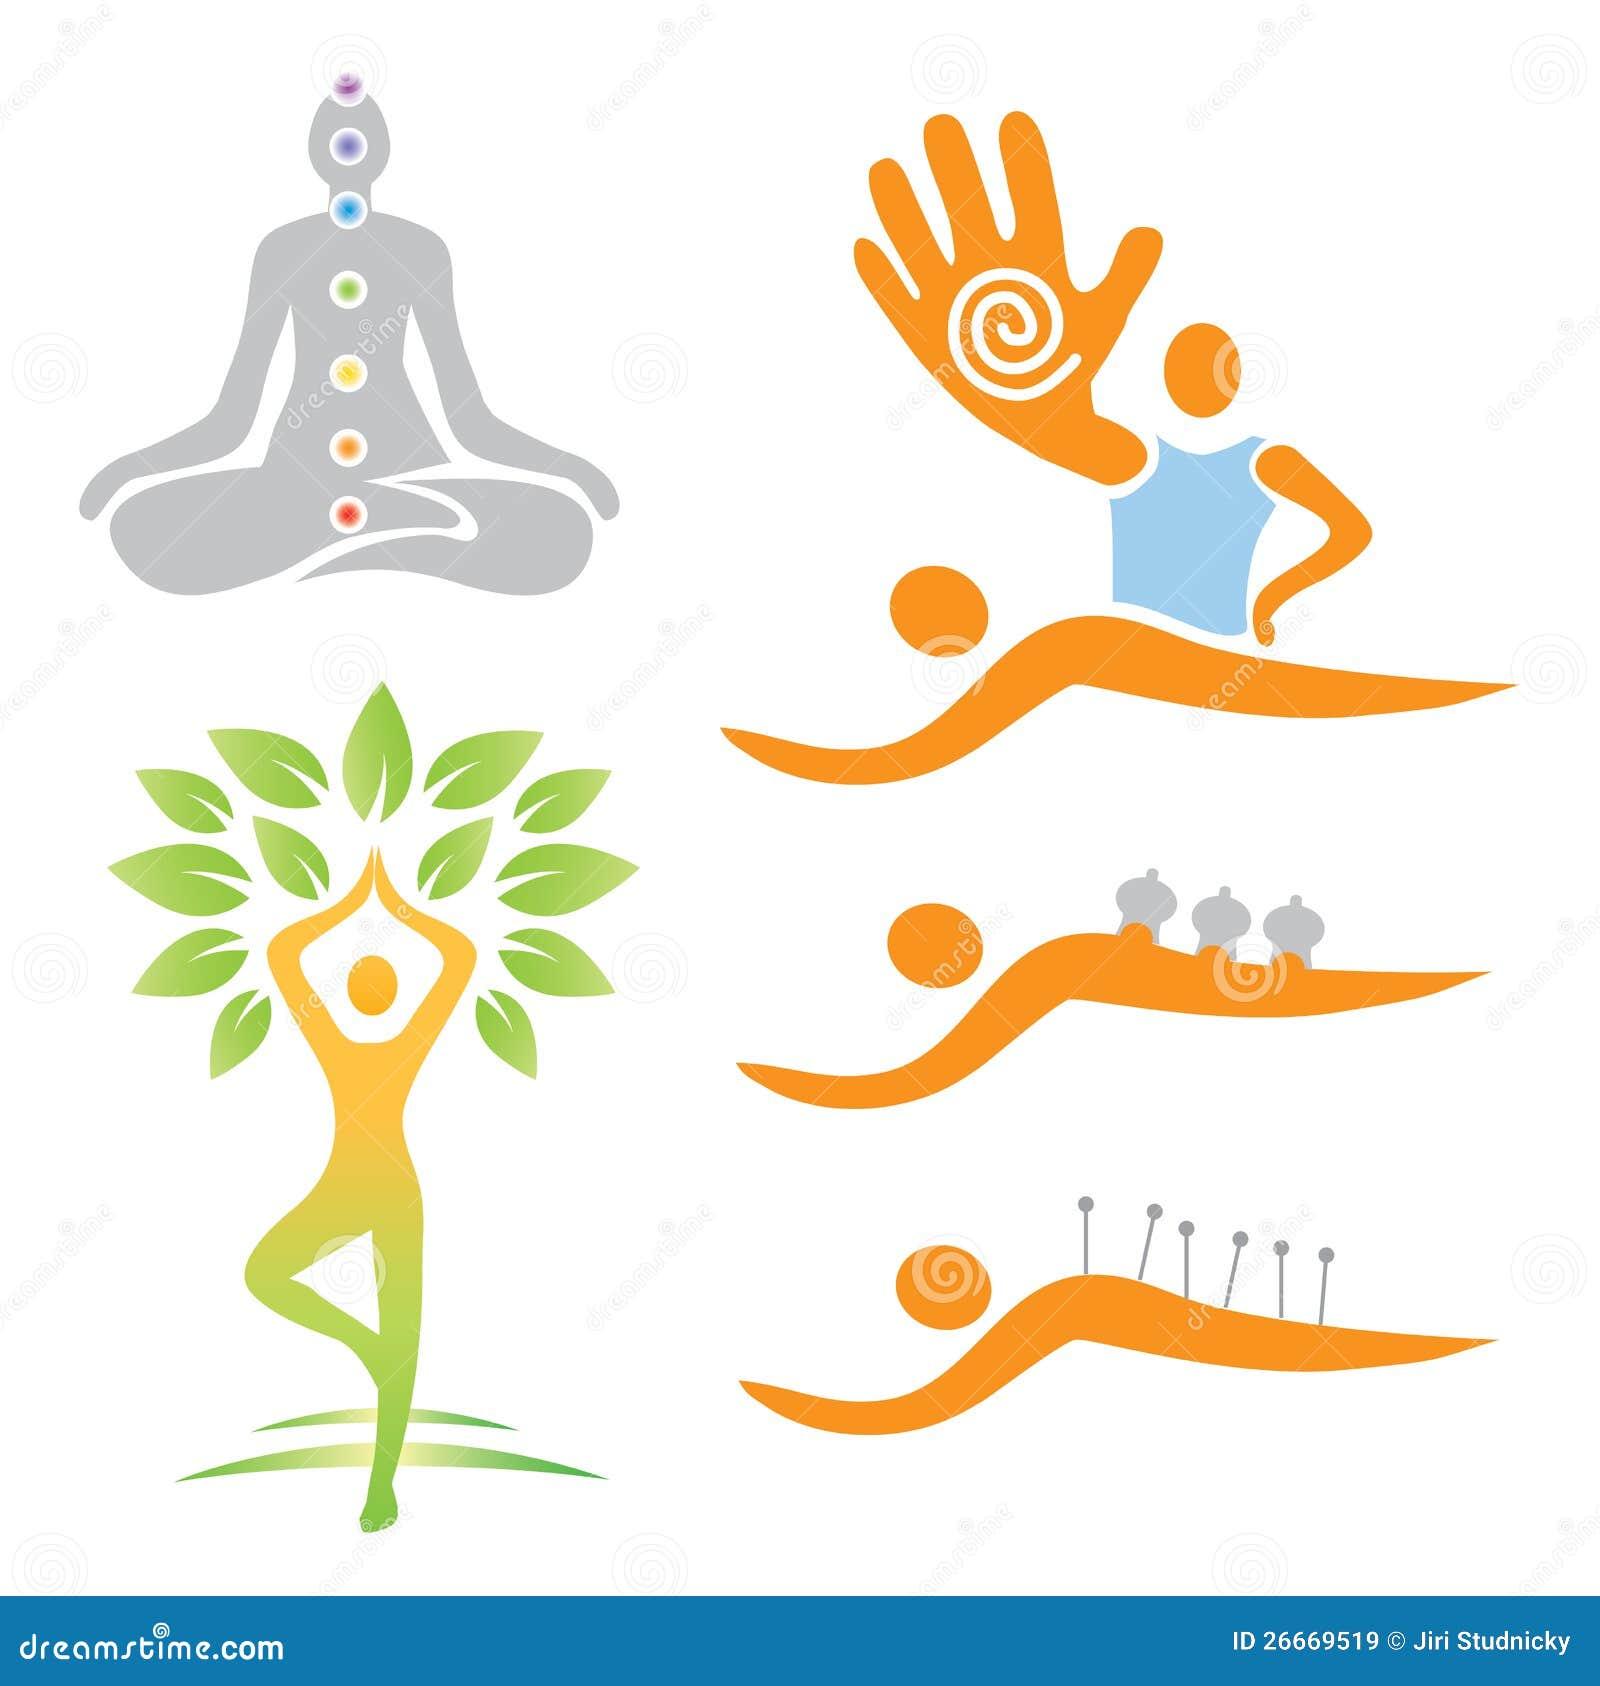 Royalty Free Stock Images: Icons yoga massage alternative medicine